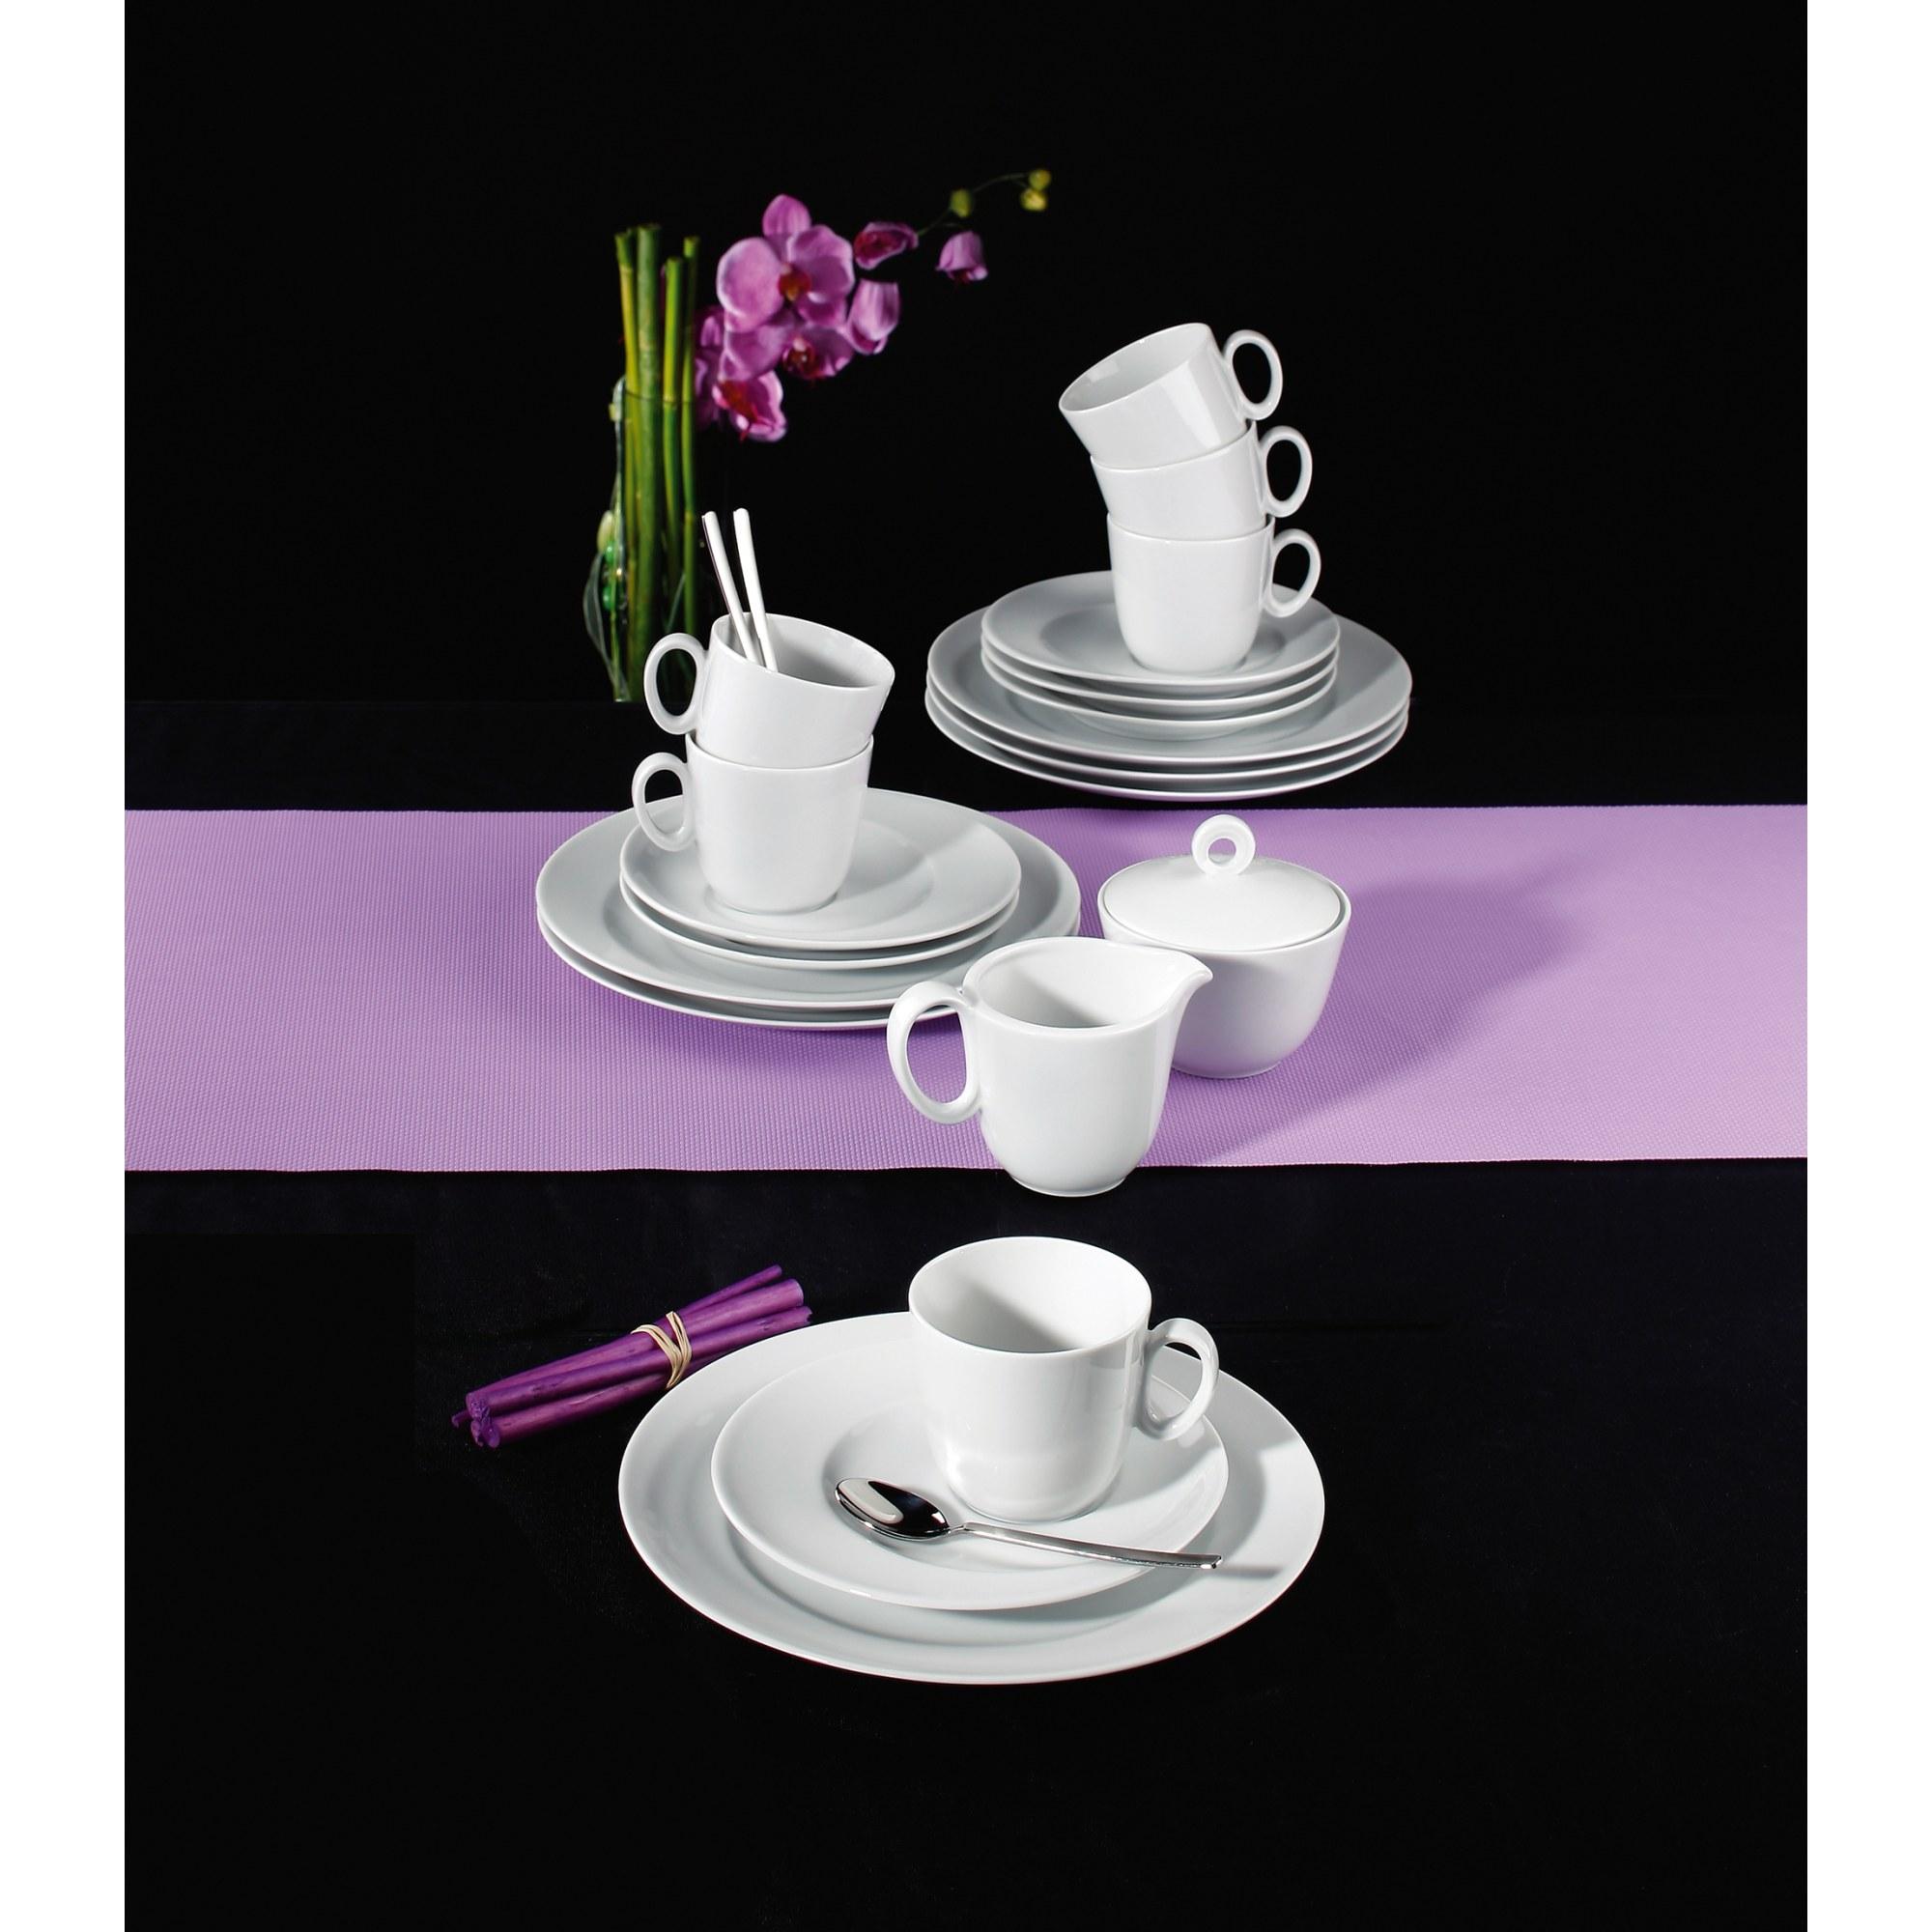 seltmann weiden paso rund kaffeeservice 20 teilig wei ebay. Black Bedroom Furniture Sets. Home Design Ideas